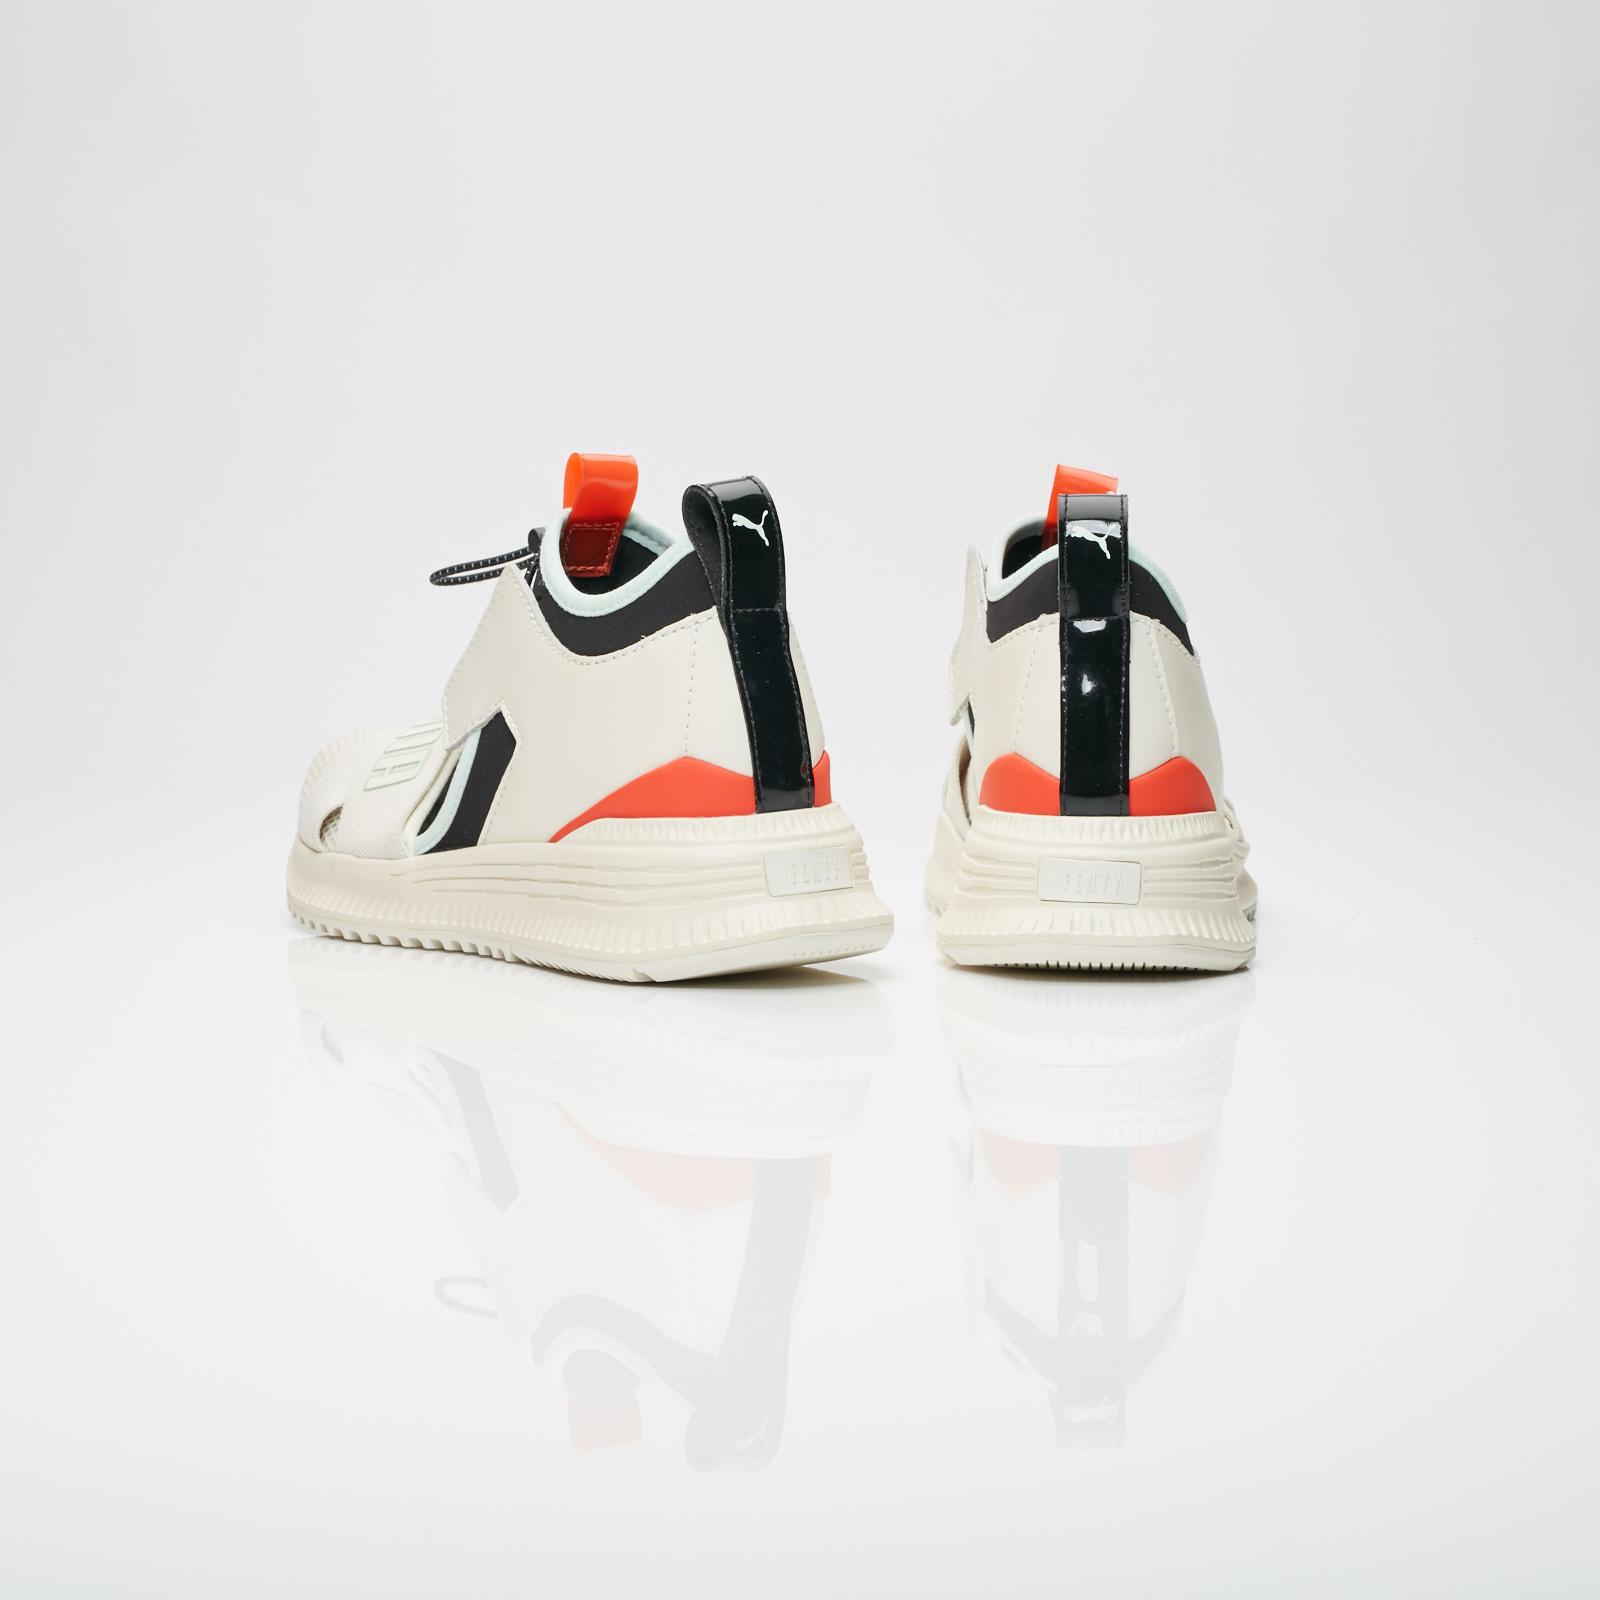 Puma Fenty Avid Wns - 367683-04 - Sneakersnstuff  8239bbc3f